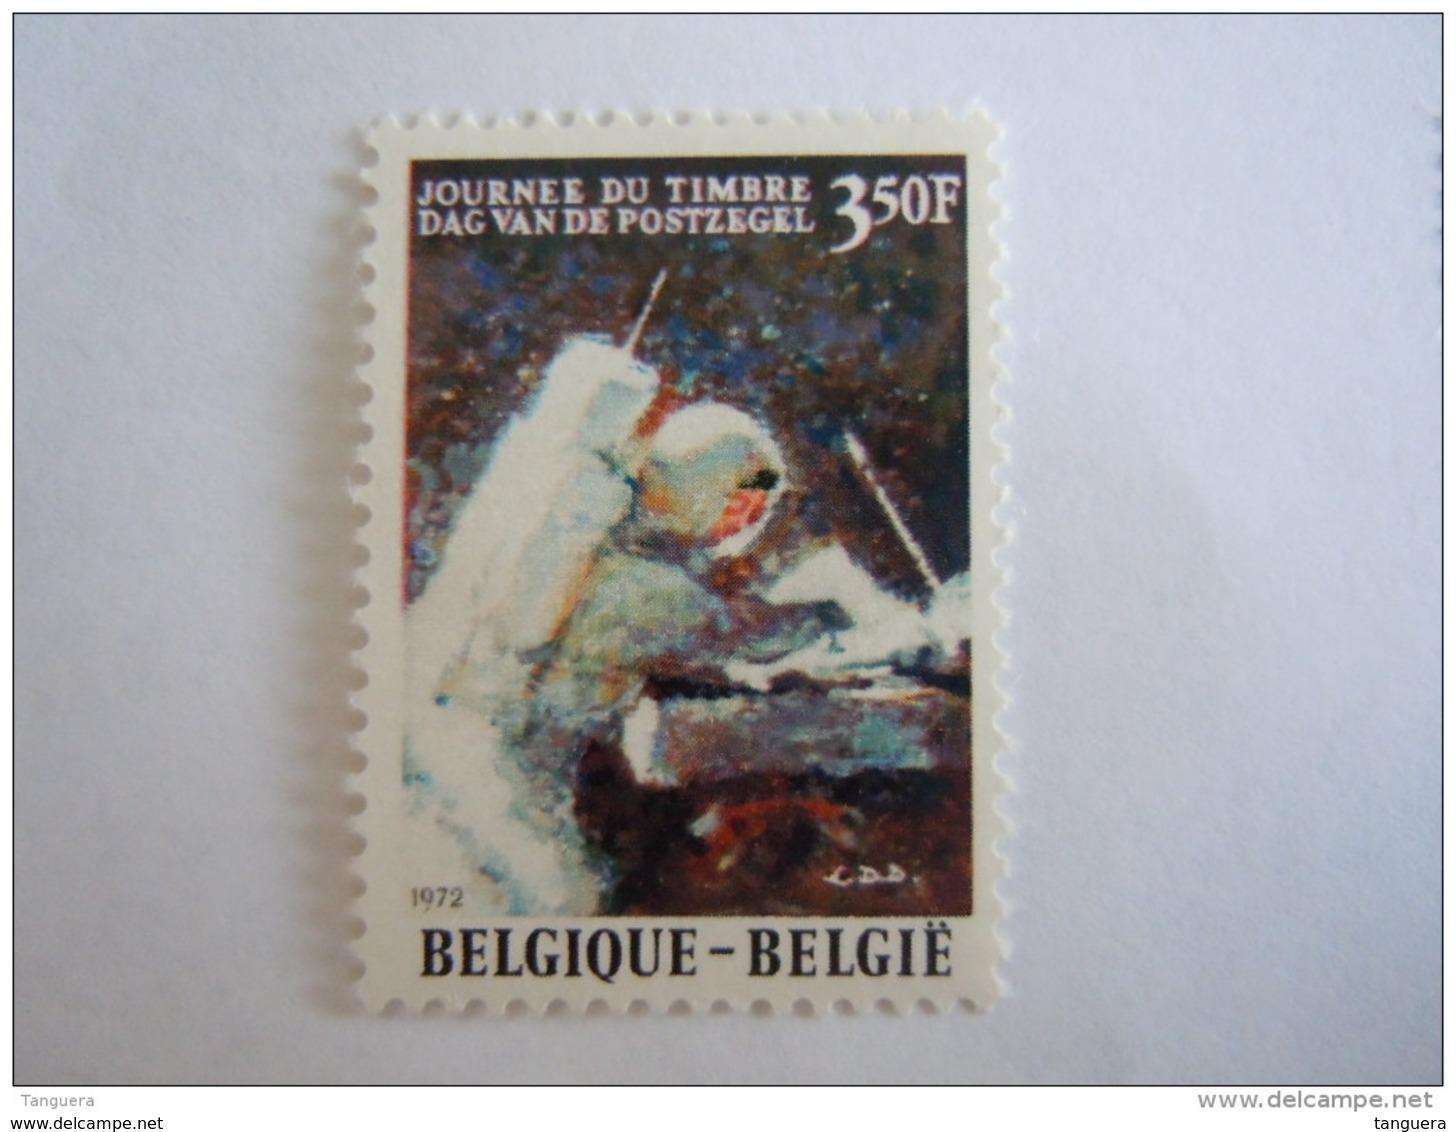 Belgie Belgique 1972 Dag Van De Postzegel Astronaut David R. Scott Astronaute Sur La Lune Yv COB 1622 MNH ** - Belgium